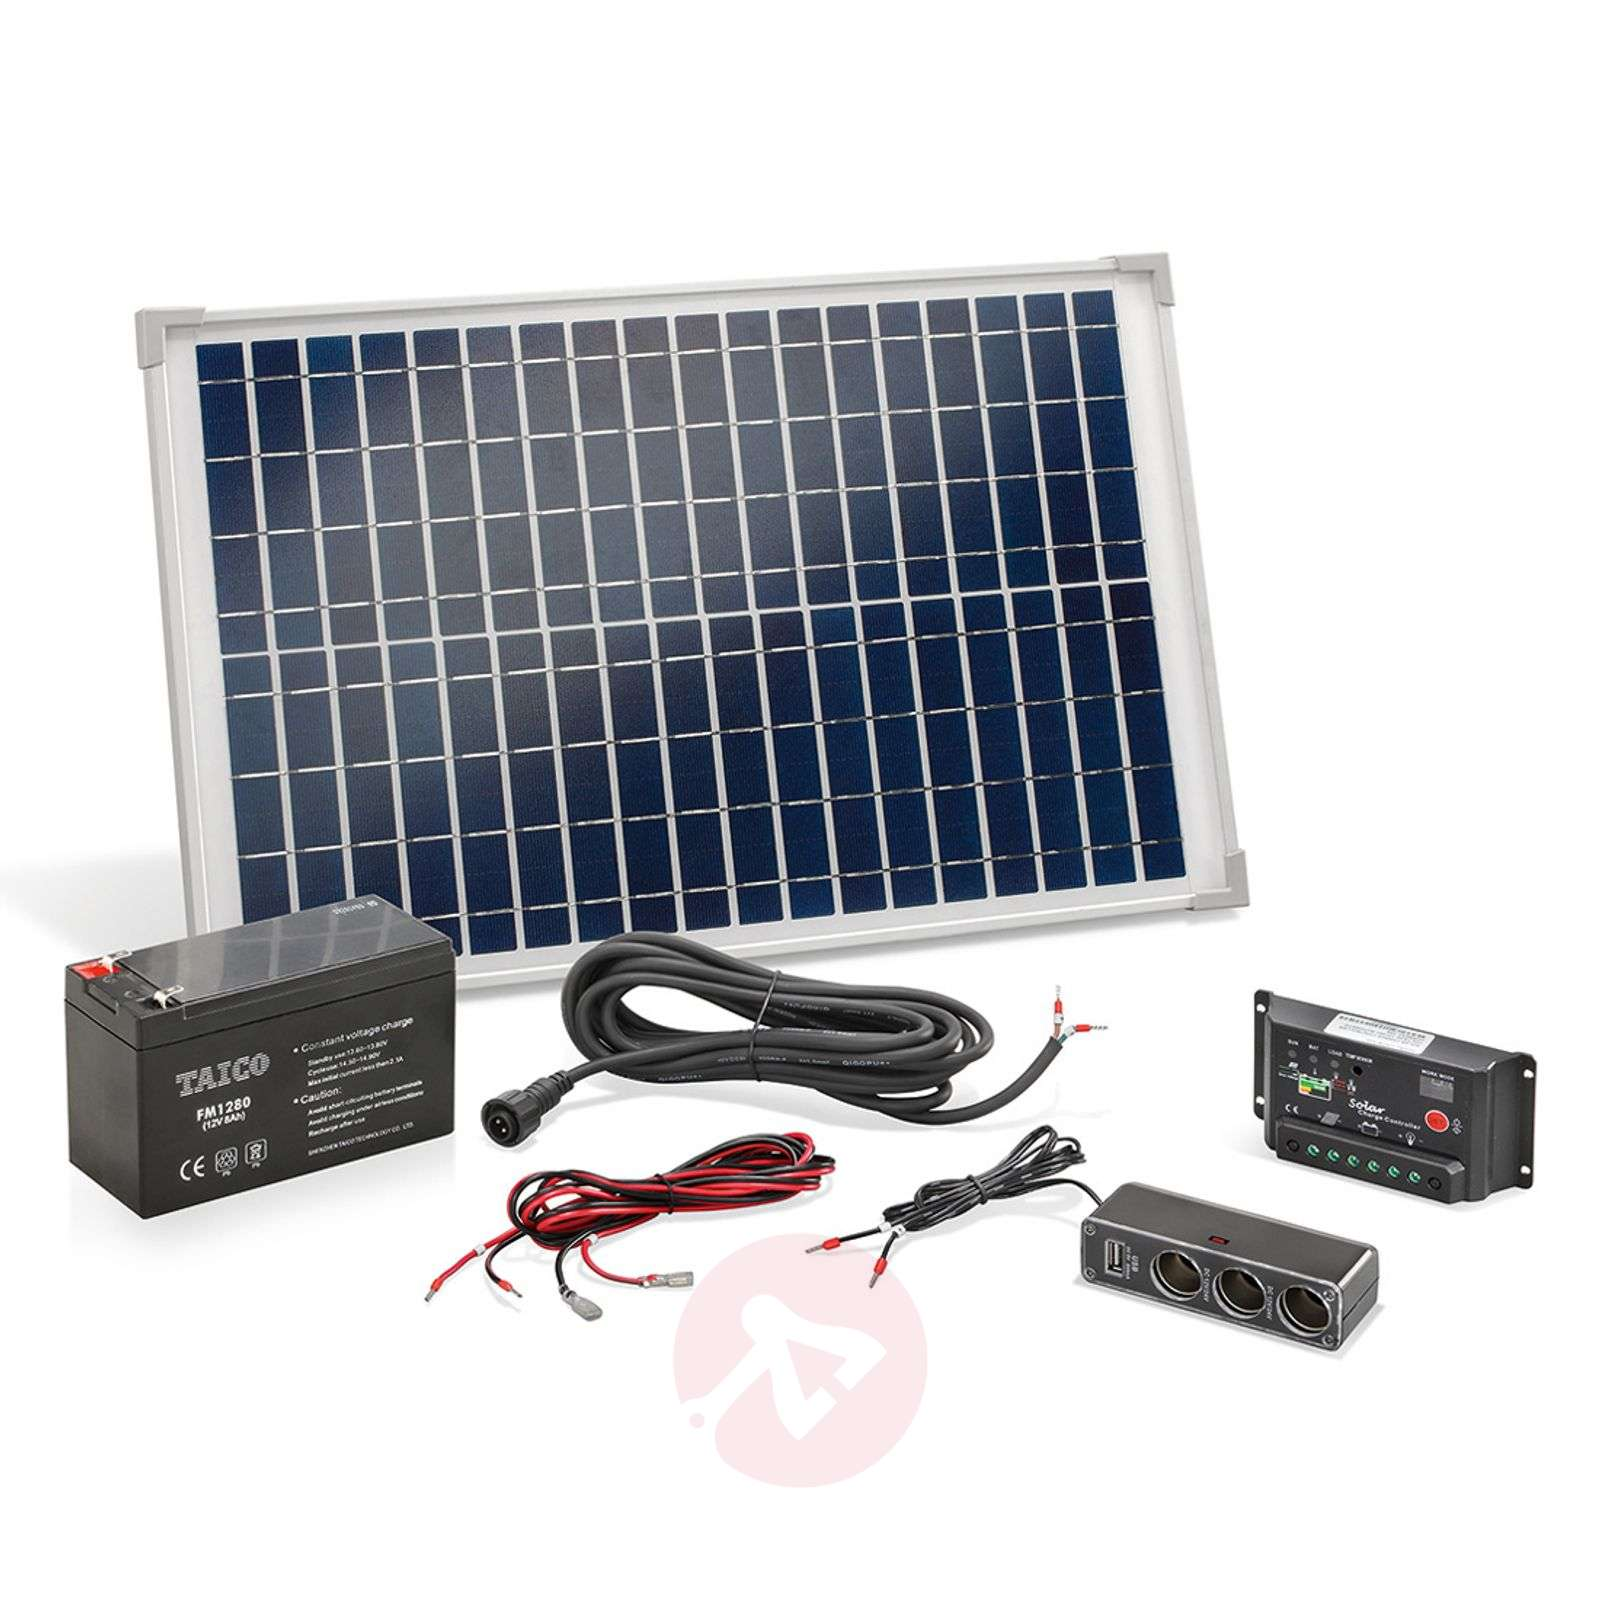 Island system 20 W solar power kit-3012531-01